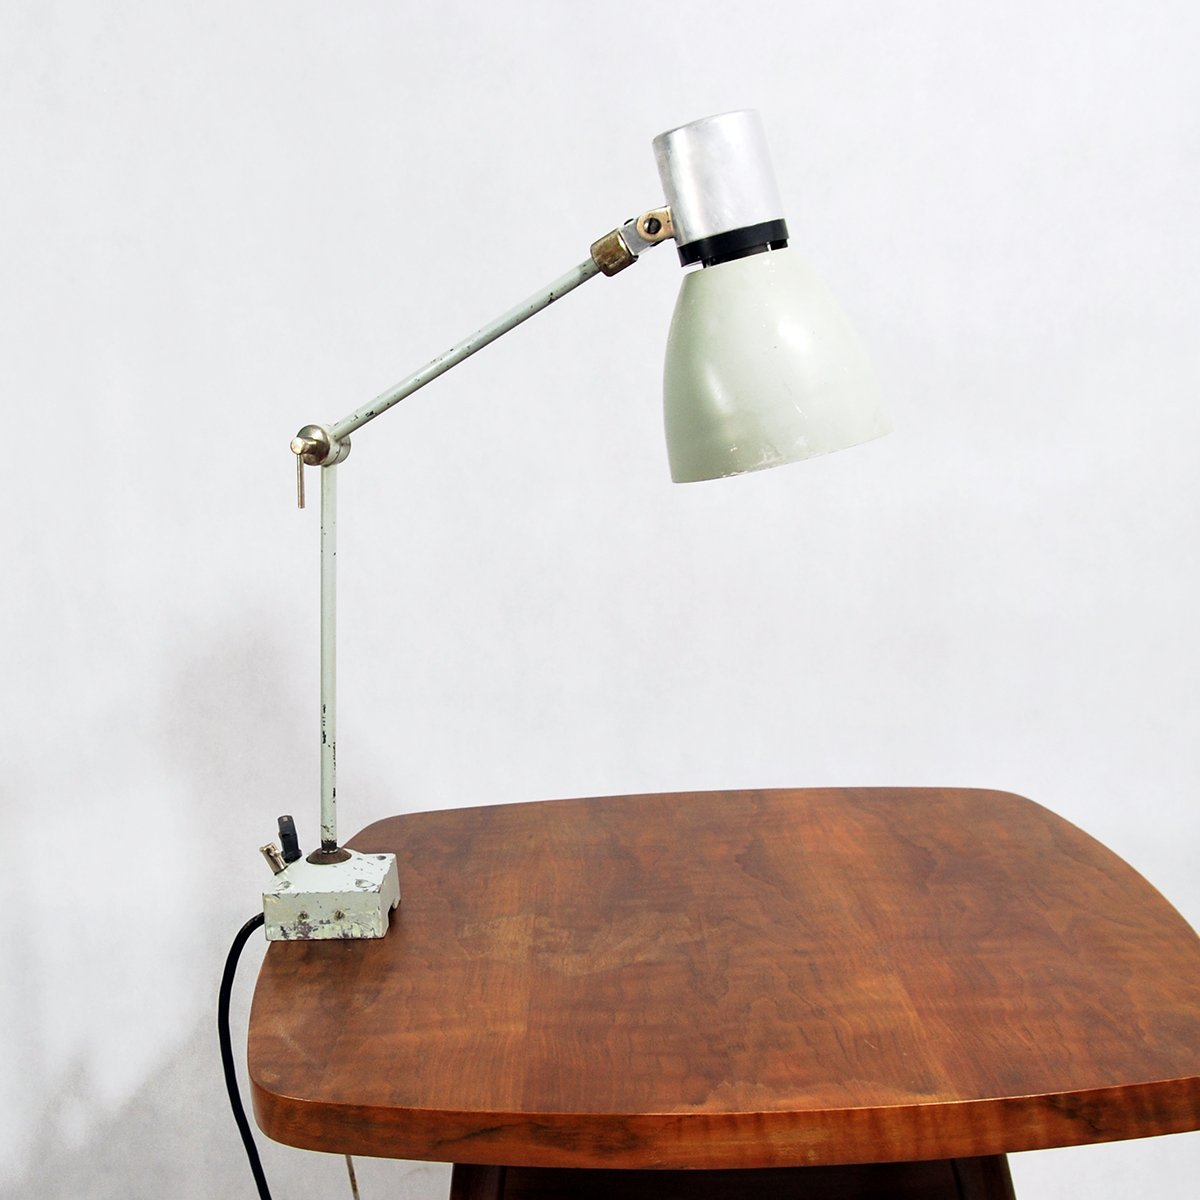 Tschechoslowakische Werkbank Lampe des Modells 110430 von ESC, 1960er